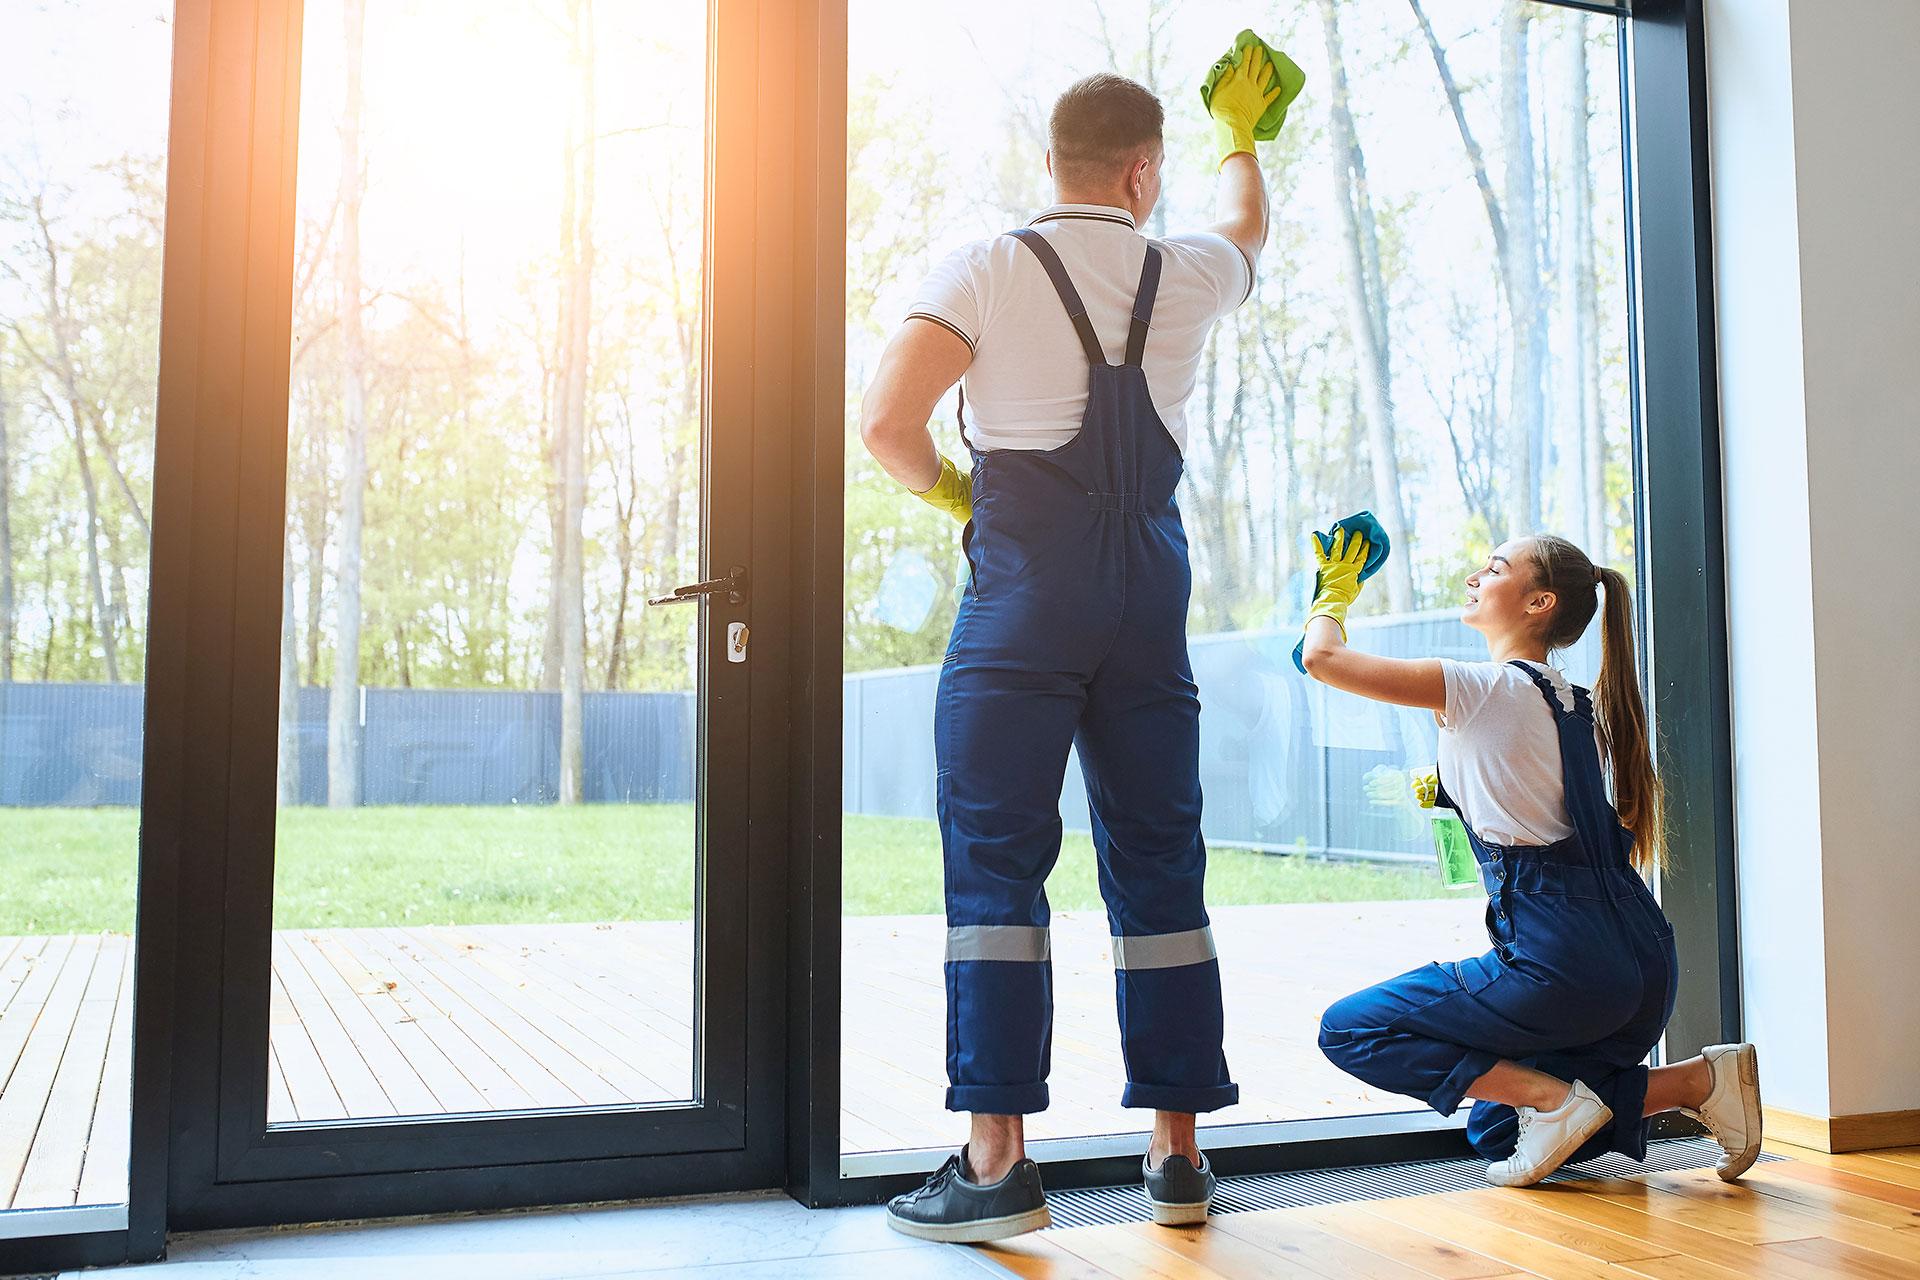 Serviços terceirizados em condomínios valem a pena?